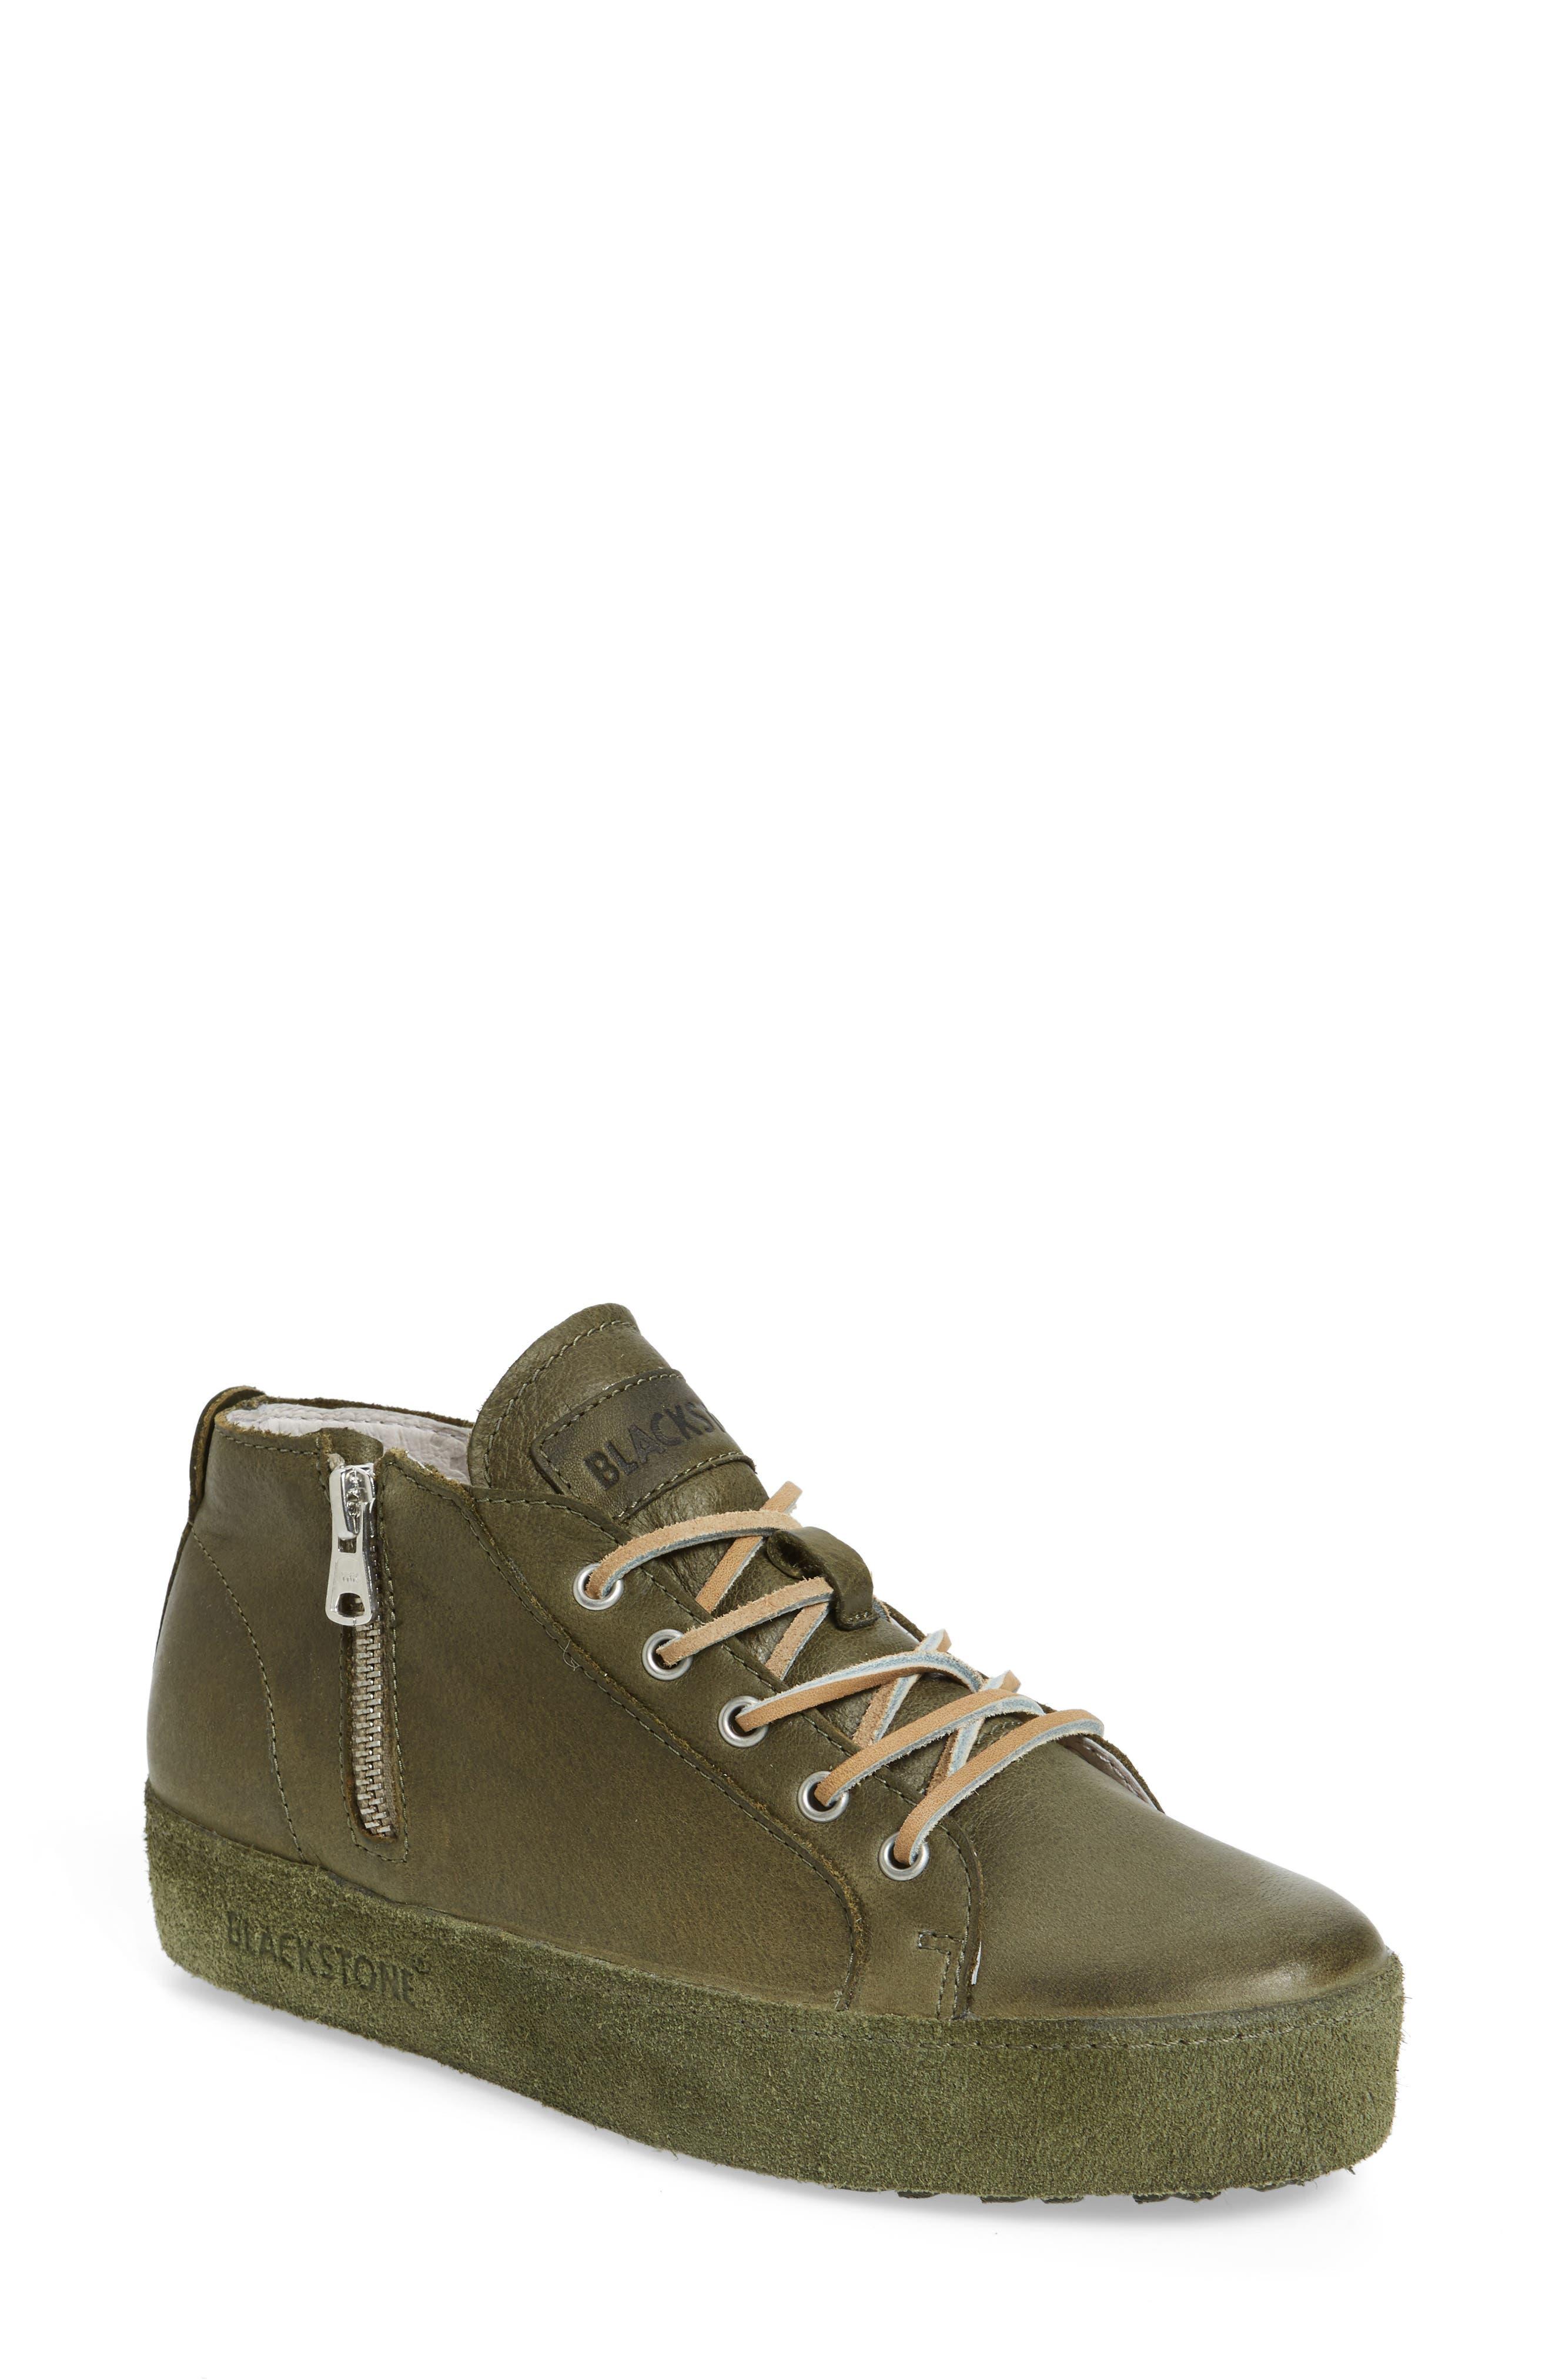 Blackstone Nl37 Midi Platform Sneaker